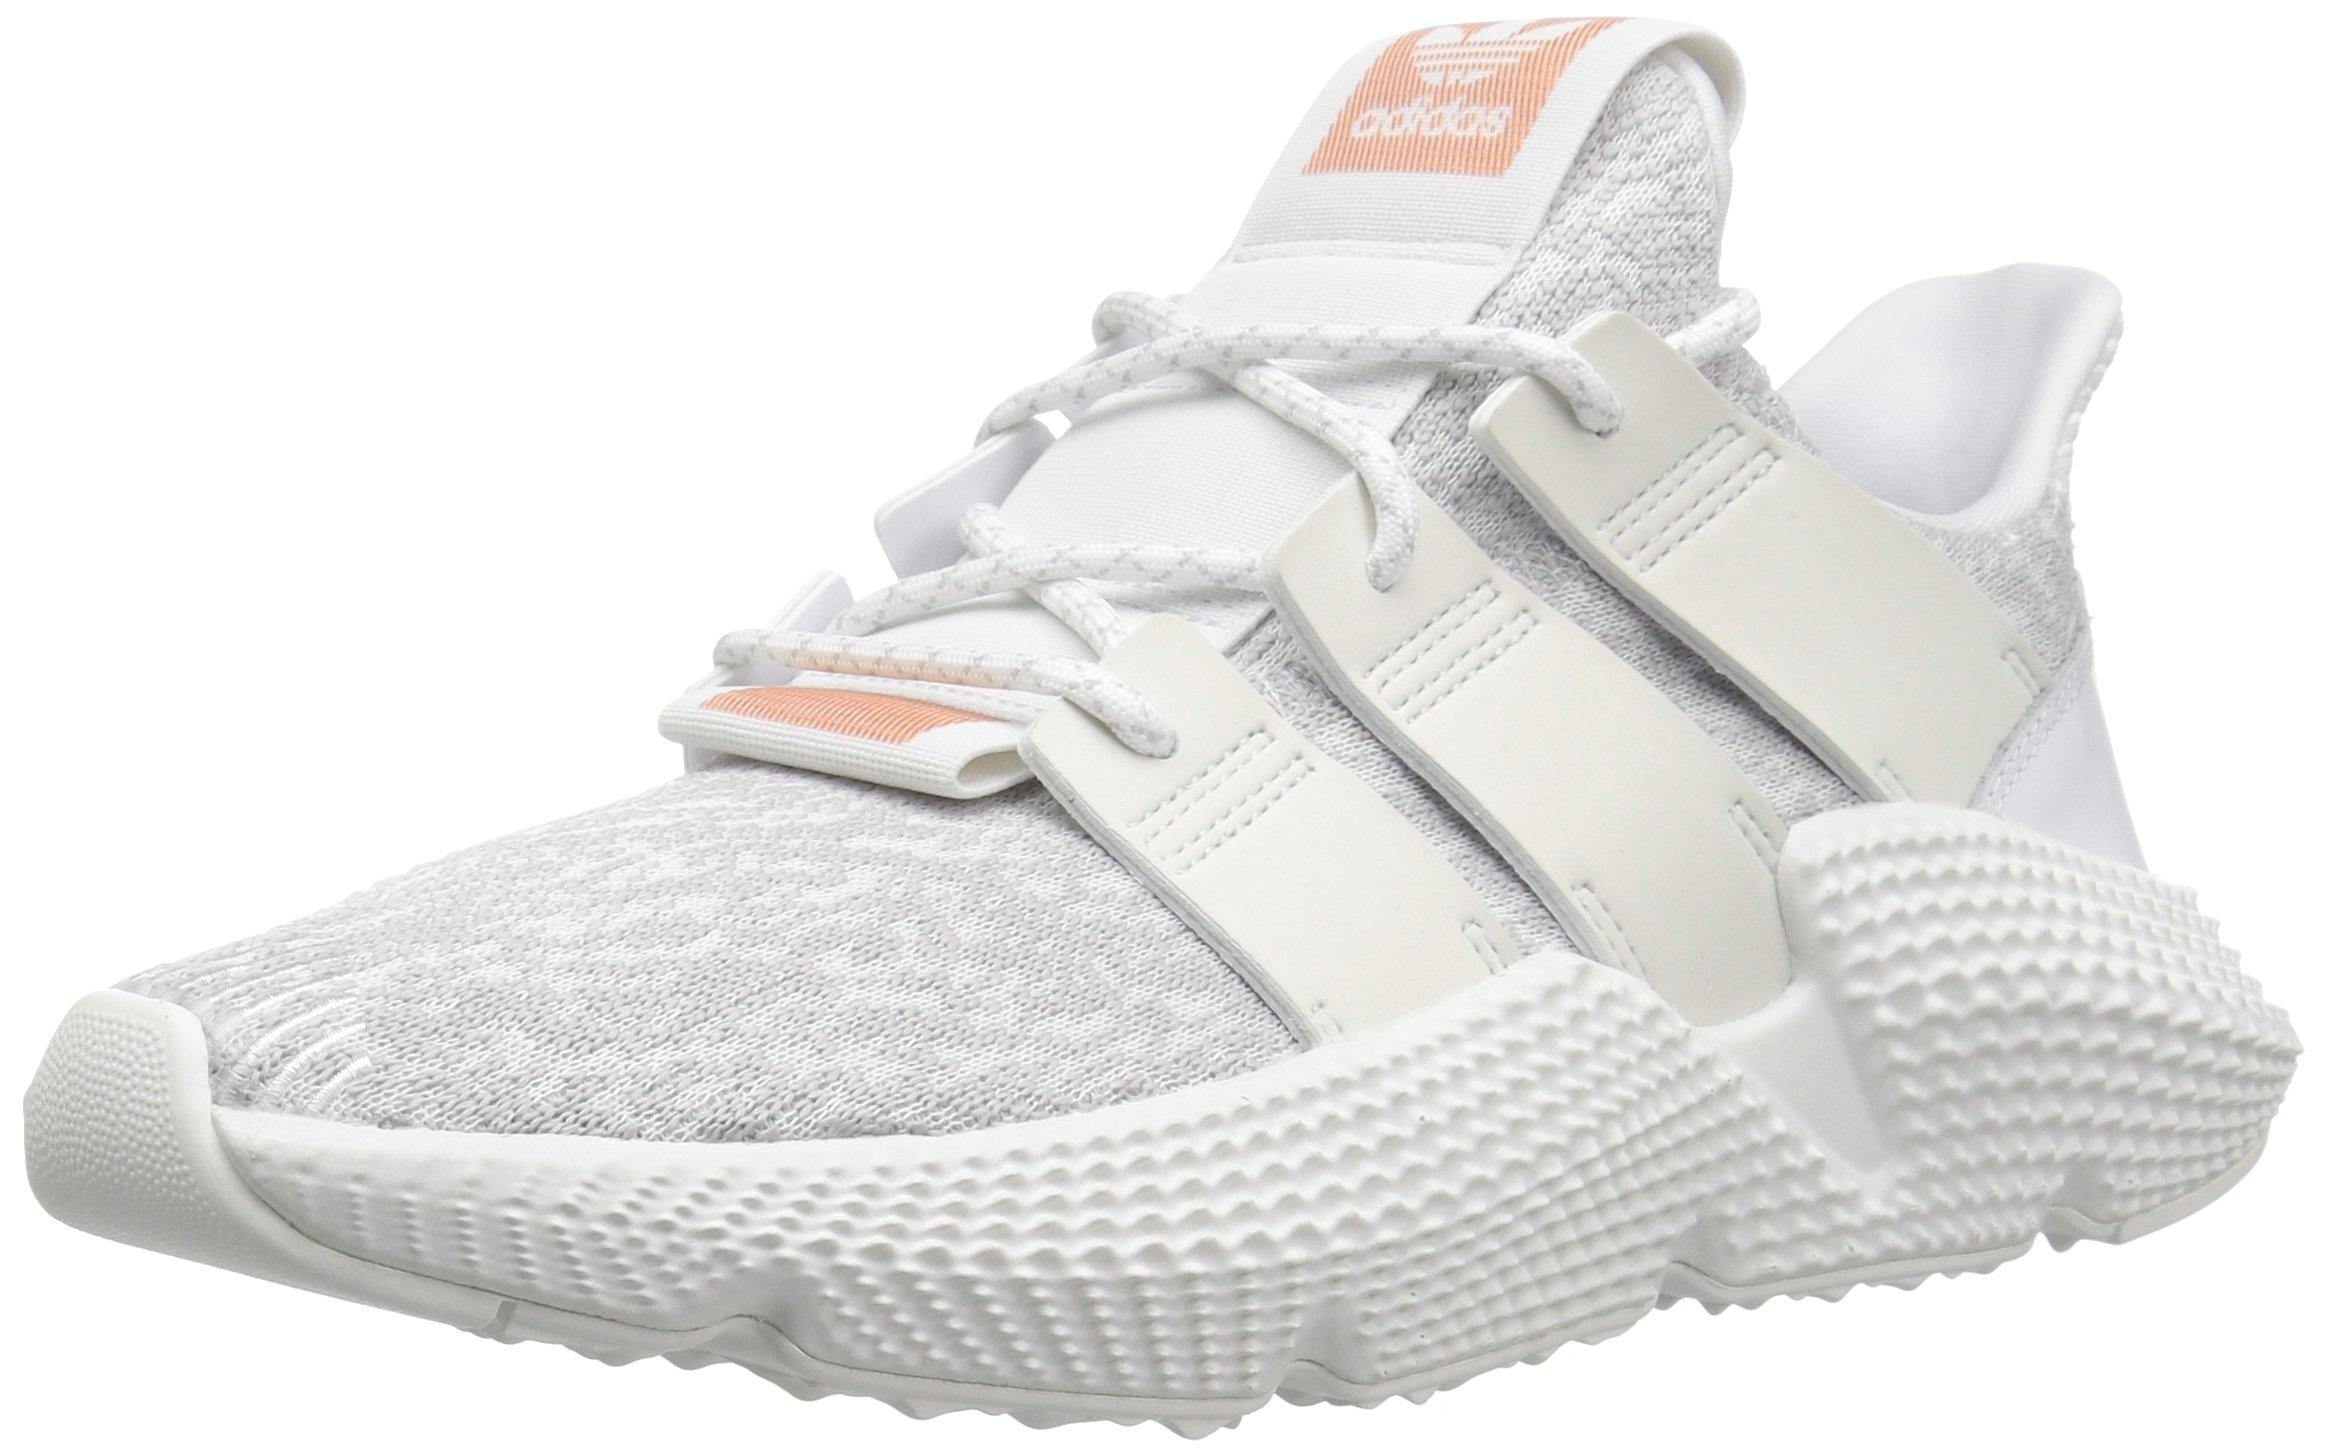 adidas Originals Women's PROPHERE Running Shoe, WhiteSuper Collegiate, 10 M US